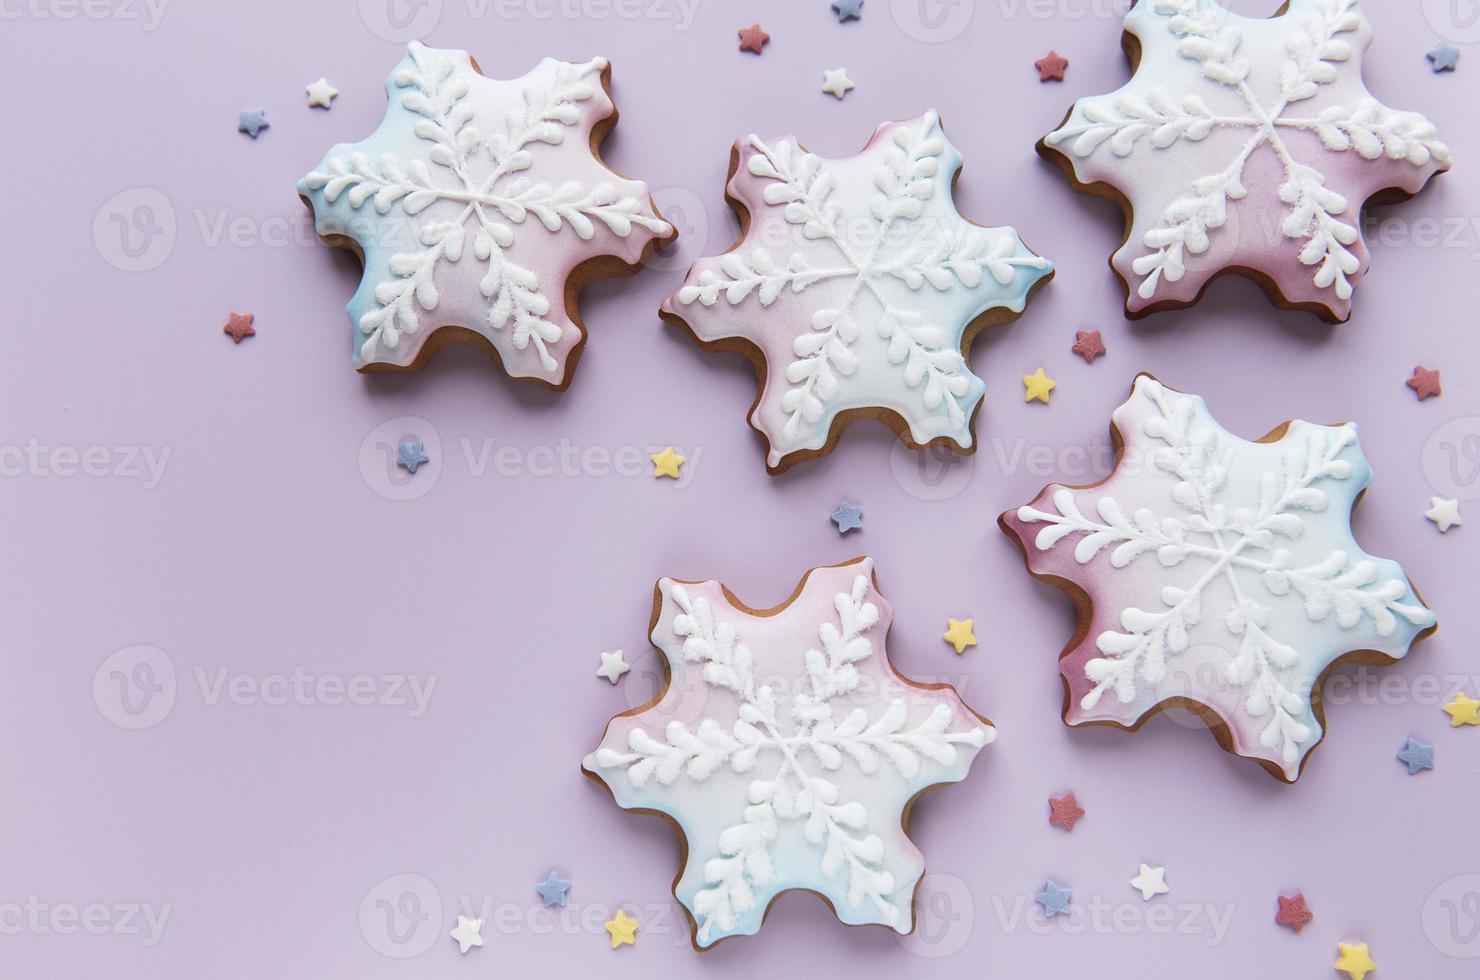 biscoitos de gengibre de natal em fundo rosa foto